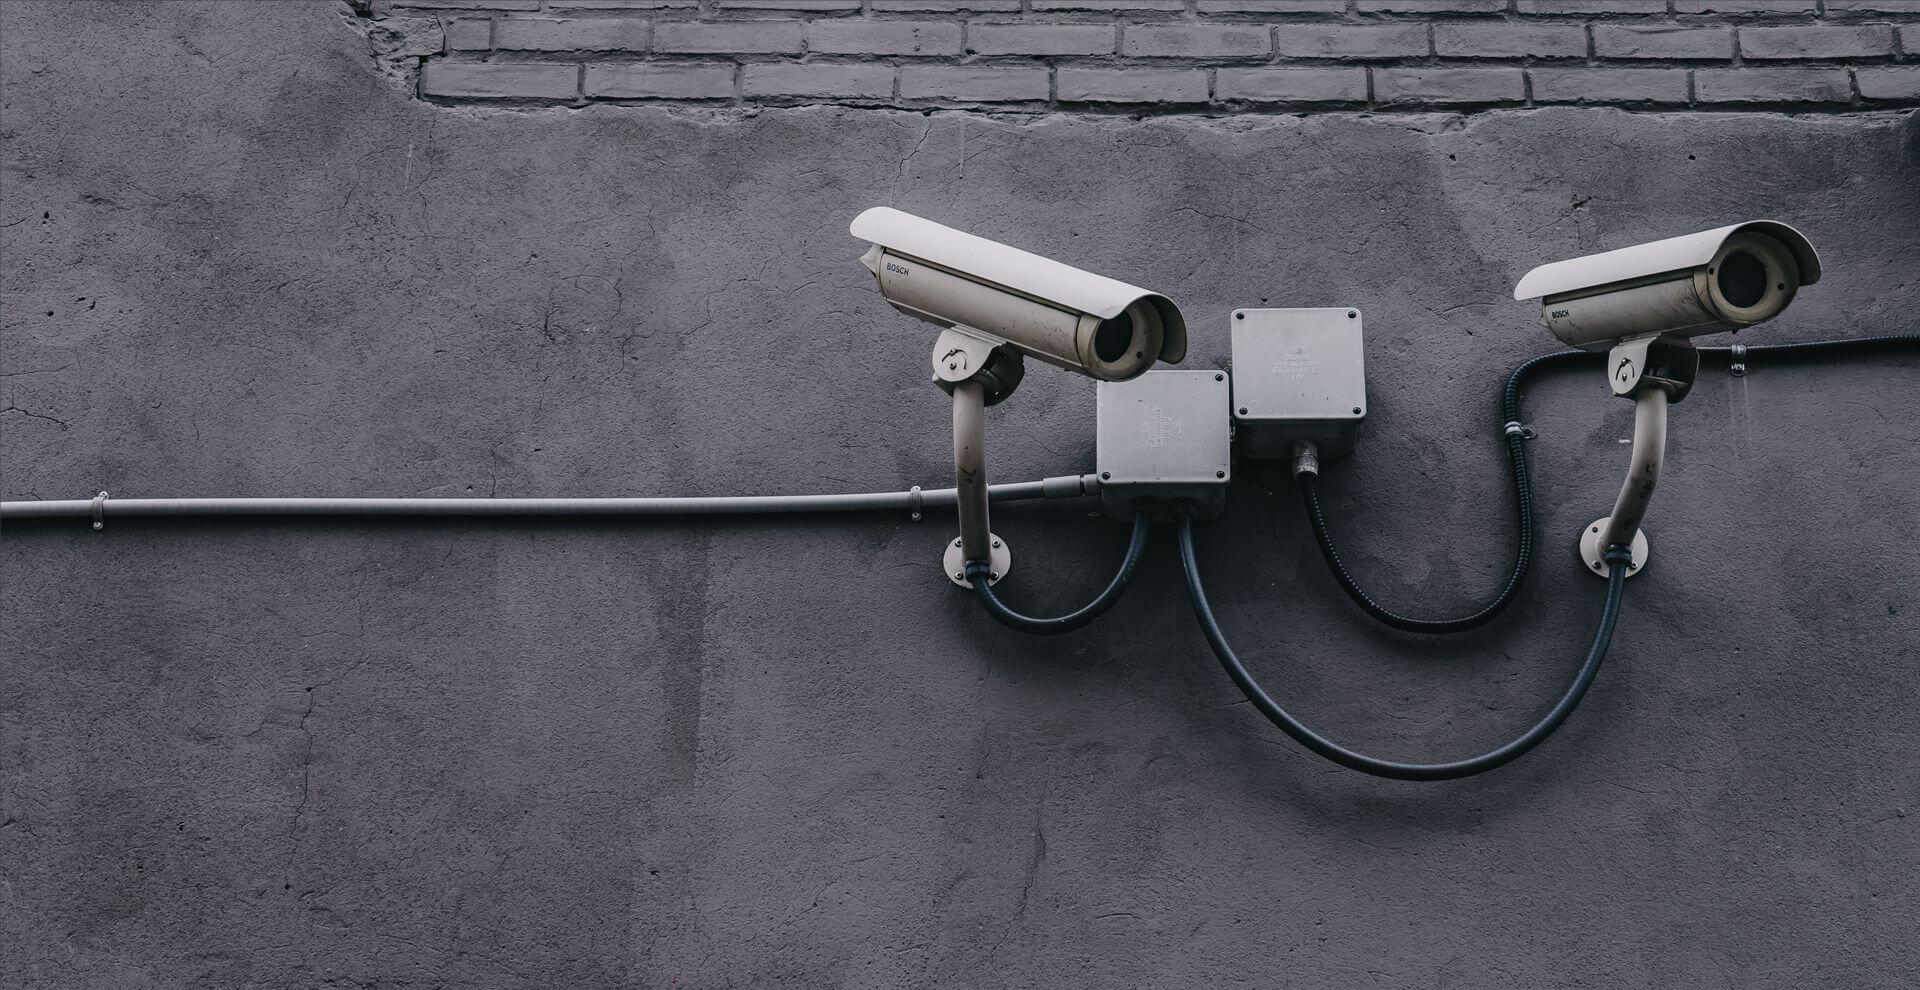 Monitoramento de Câmeras - NR Monitoramento e Segurança